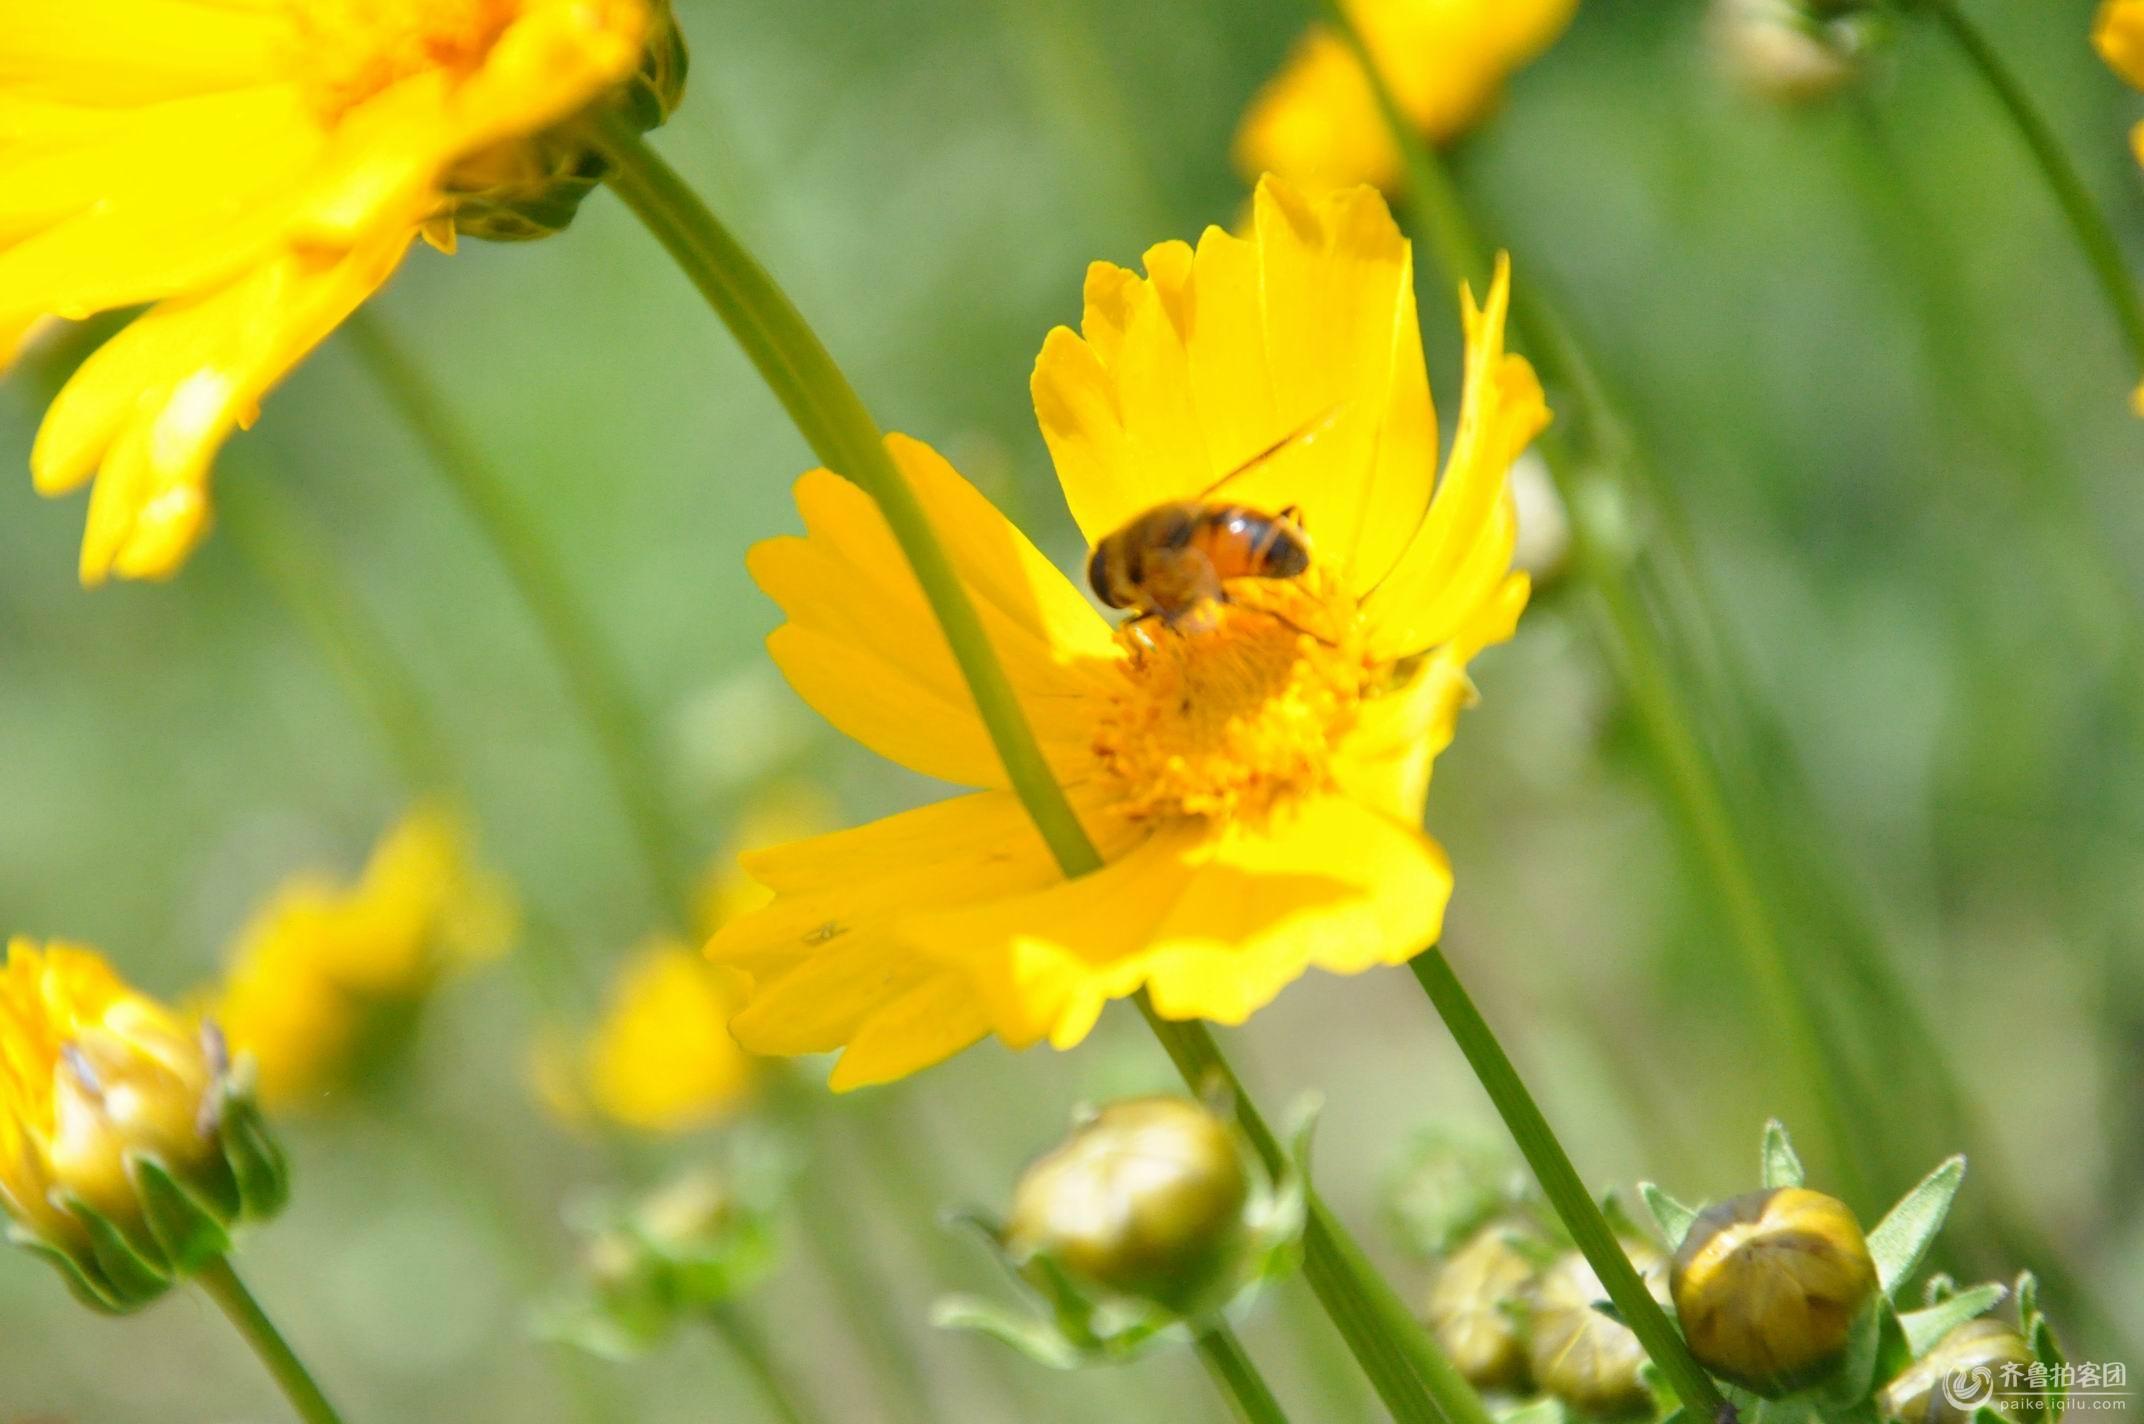 蜜蜂3 - 日照拍客 - 齐鲁社区 - 山东最大的城市生活